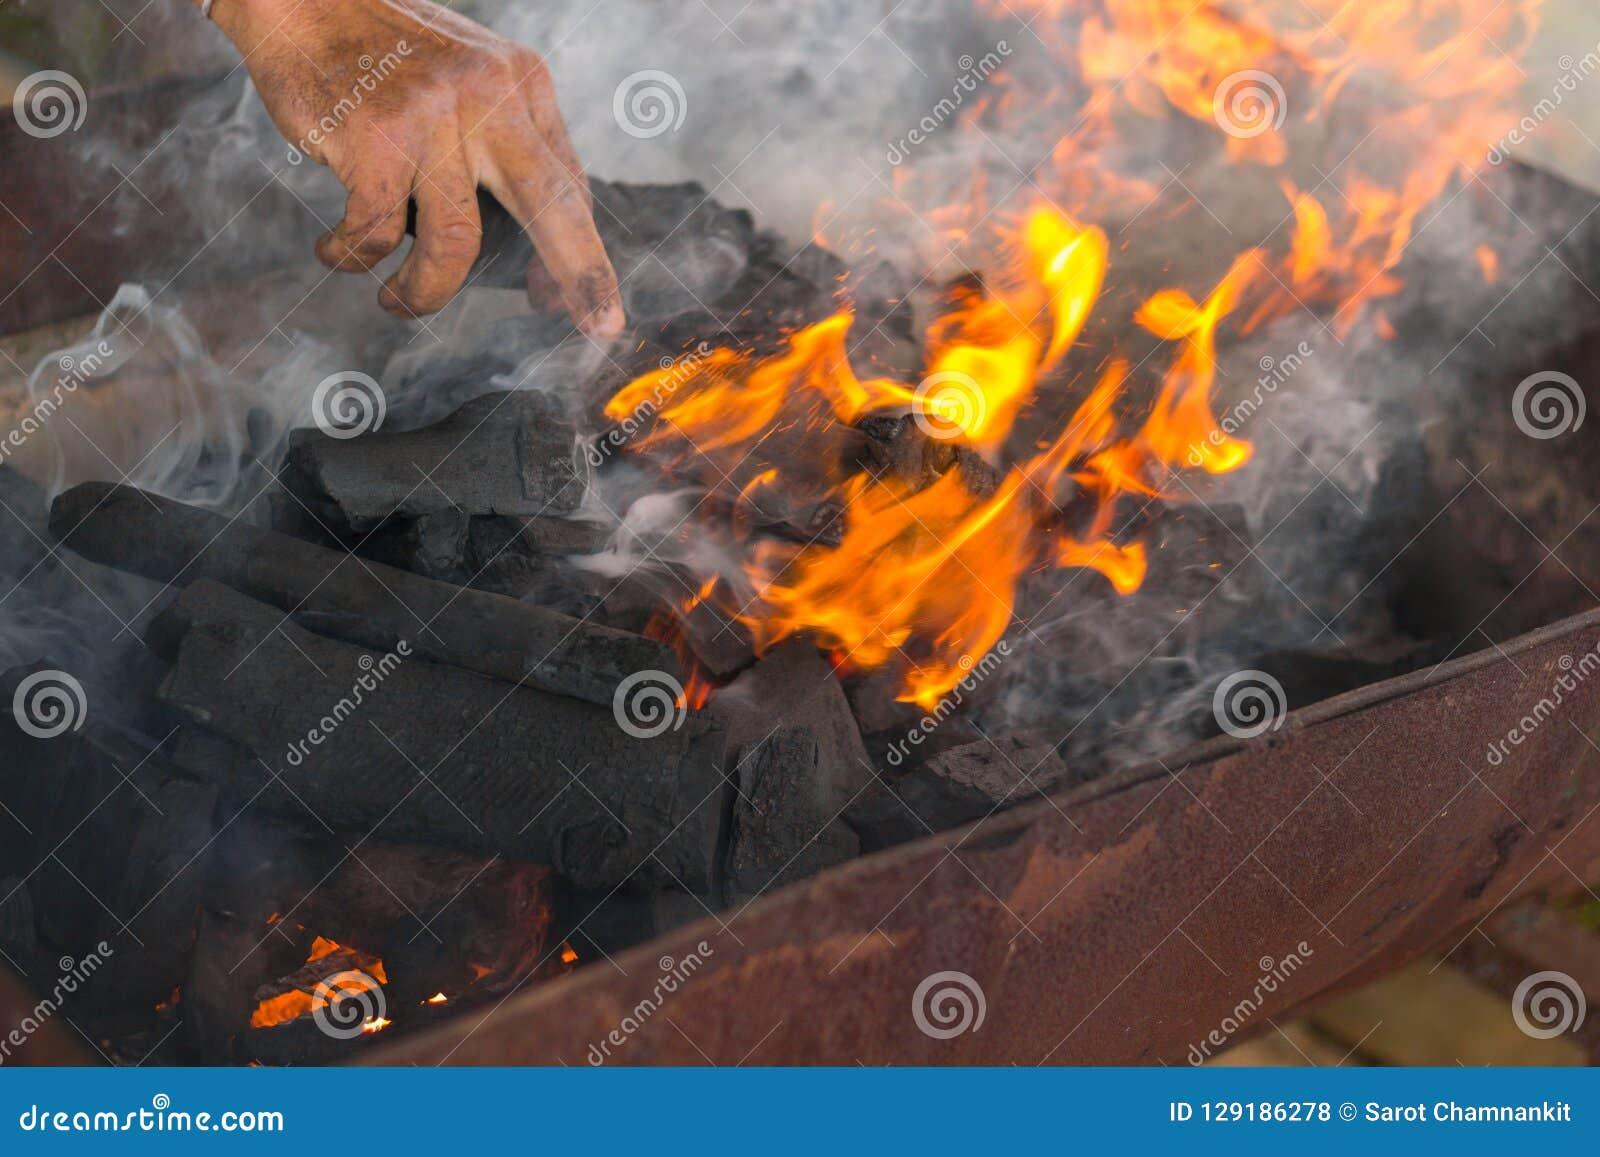 Rauch und Flammen von brennendem Holzkohlenholz